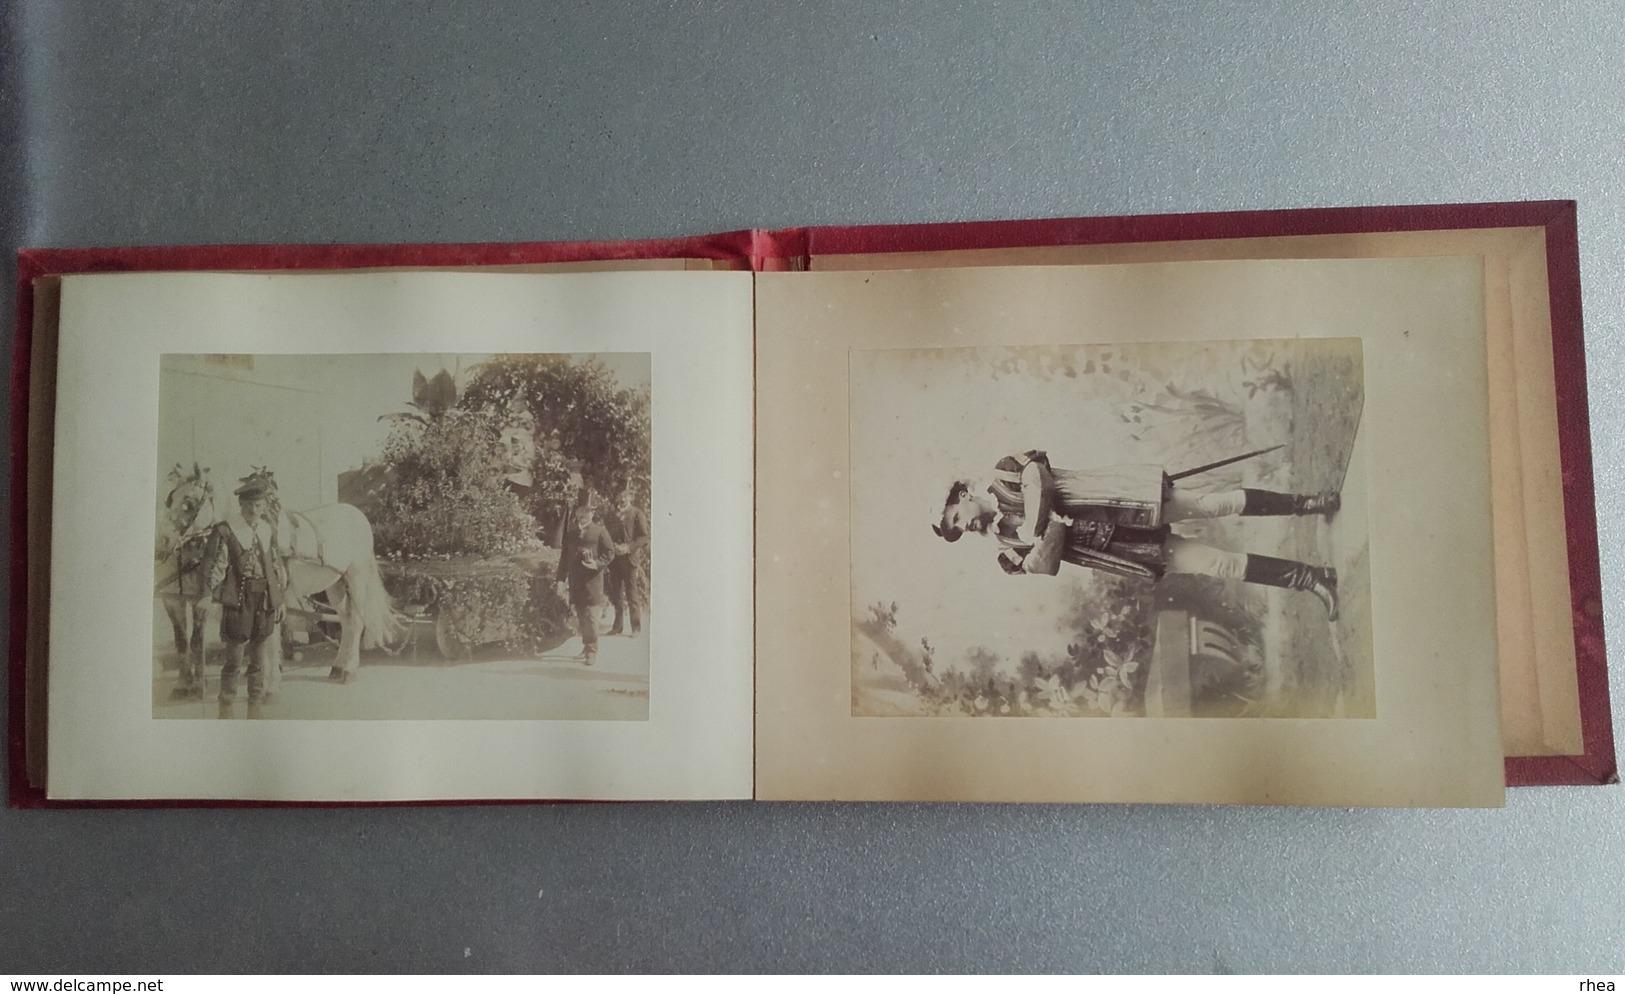 72 - MAMERS - Très Bel Album Photos - Souvenir De La Cavalcade De 1888 - Photographe Paul MAUGER Rue Marolette à Mamers - Photos